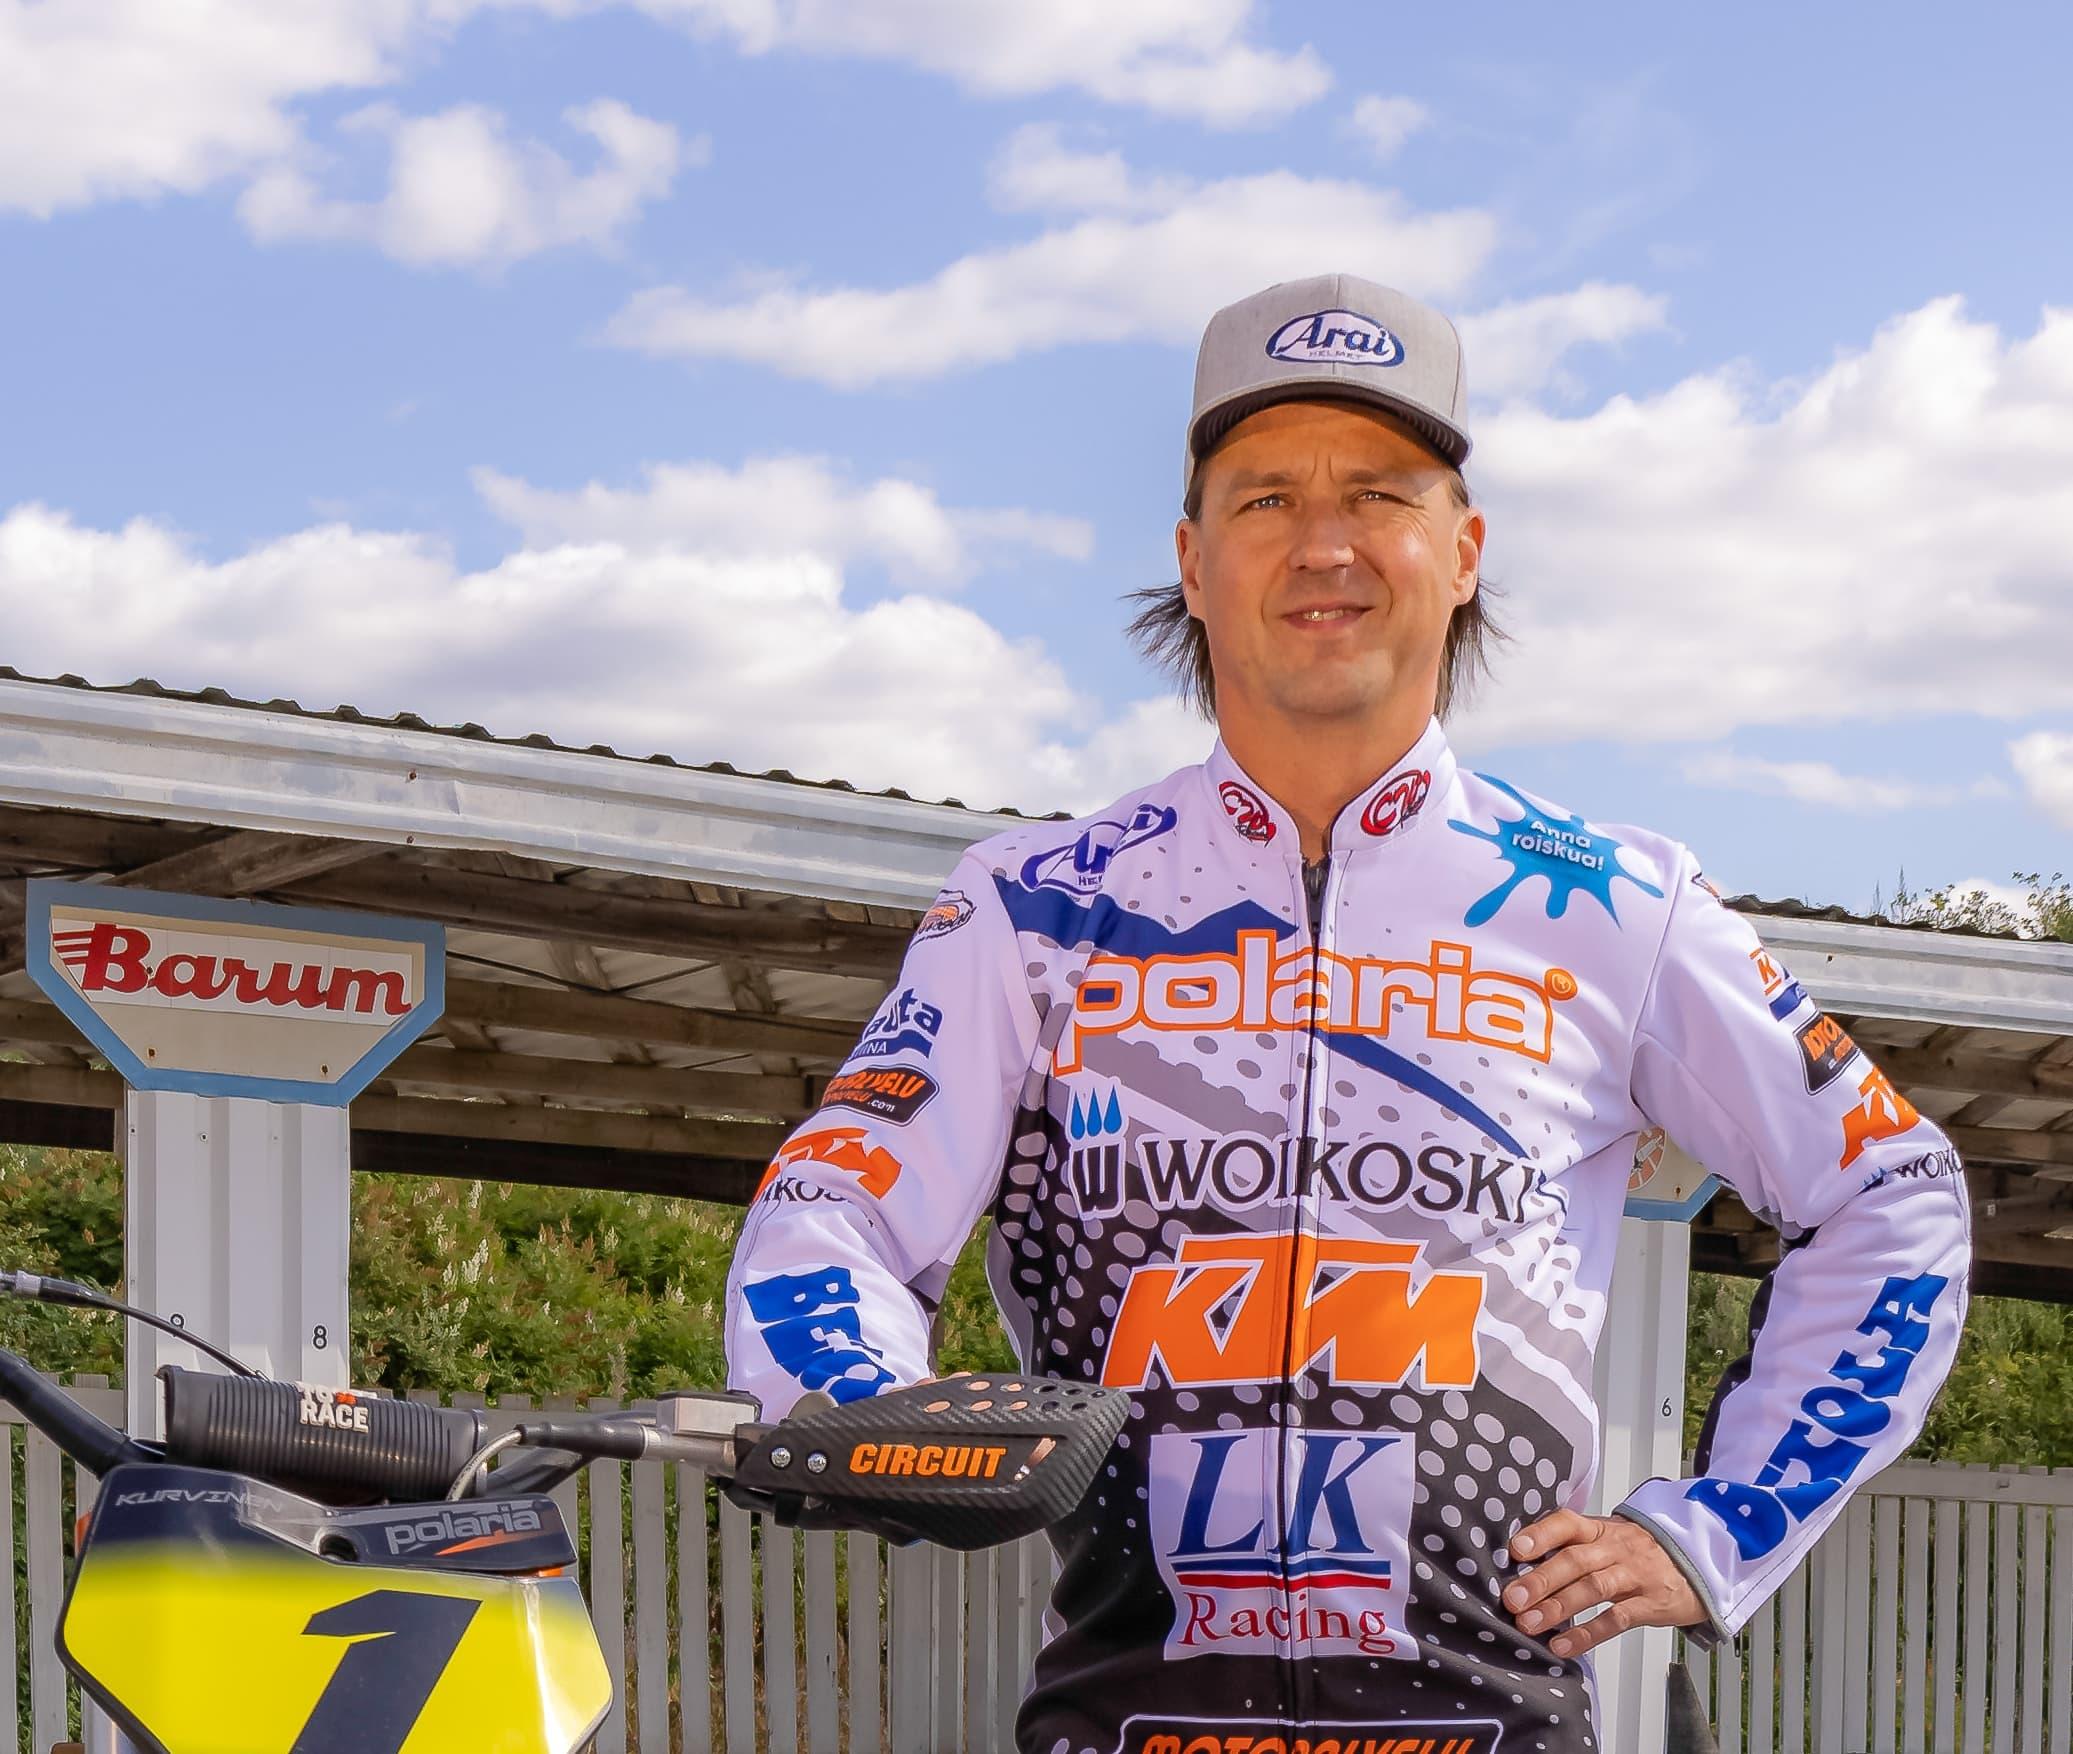 Lasse Kurvinen